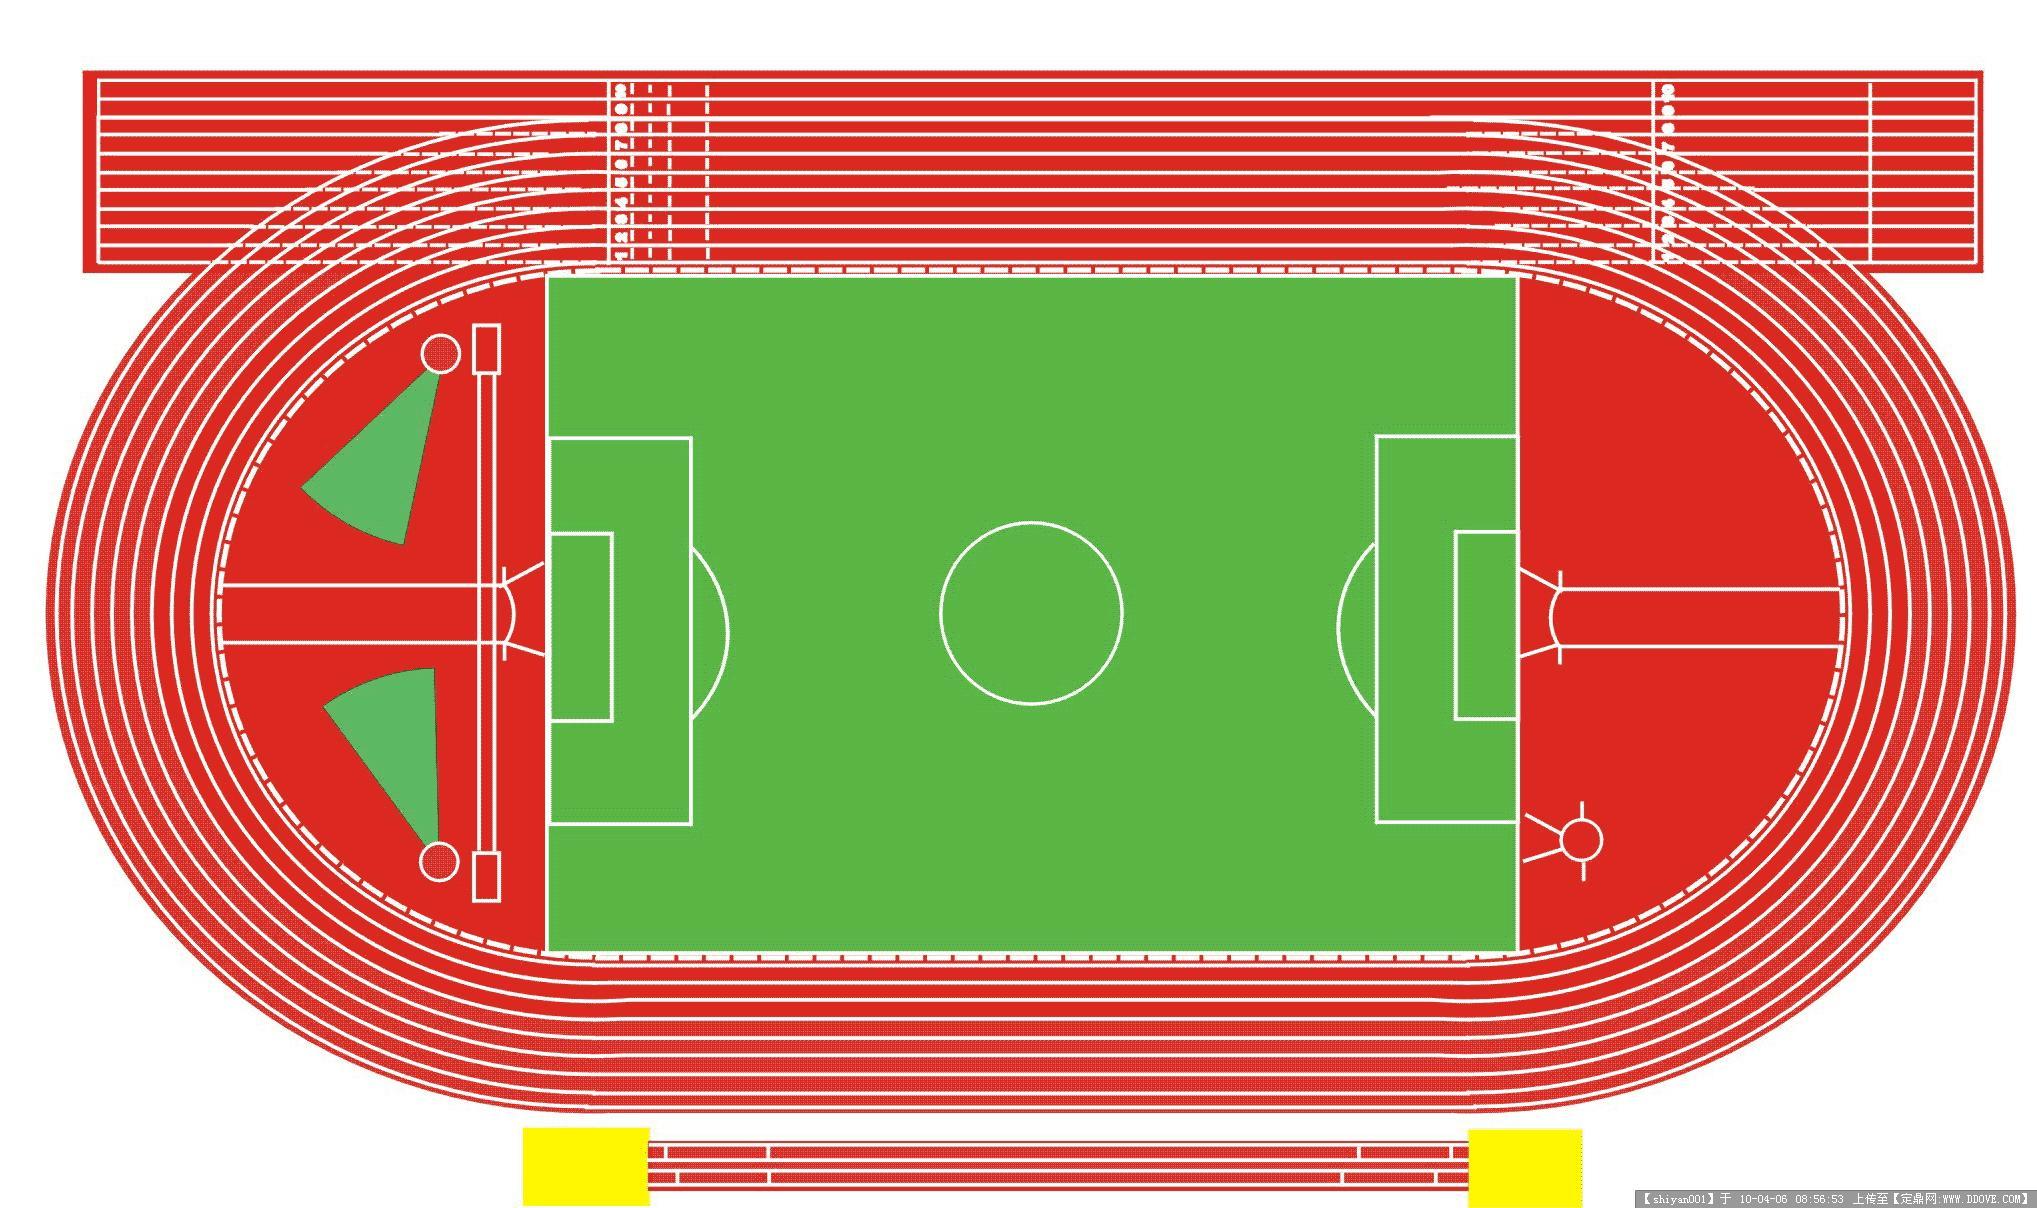 一学校设计的田径运动场平面图-400米田径运动场效果图